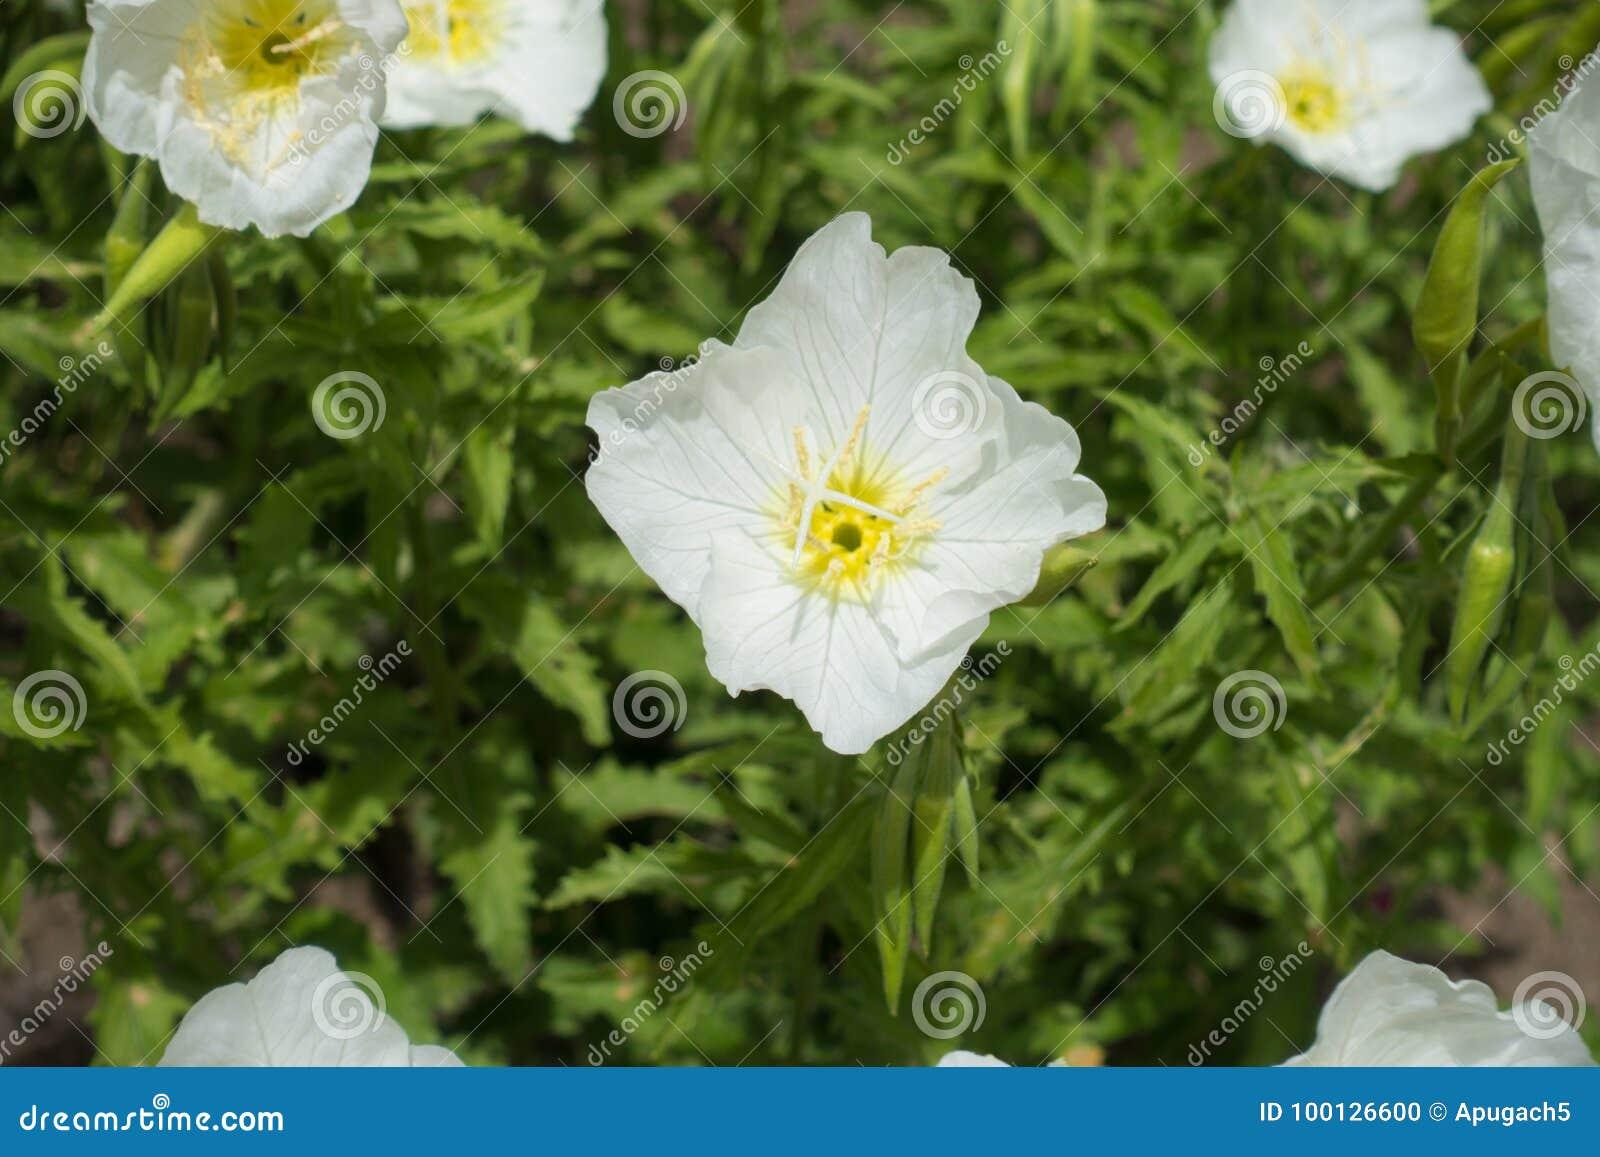 Zbliżenie biały kwiat Oenothera speciosa